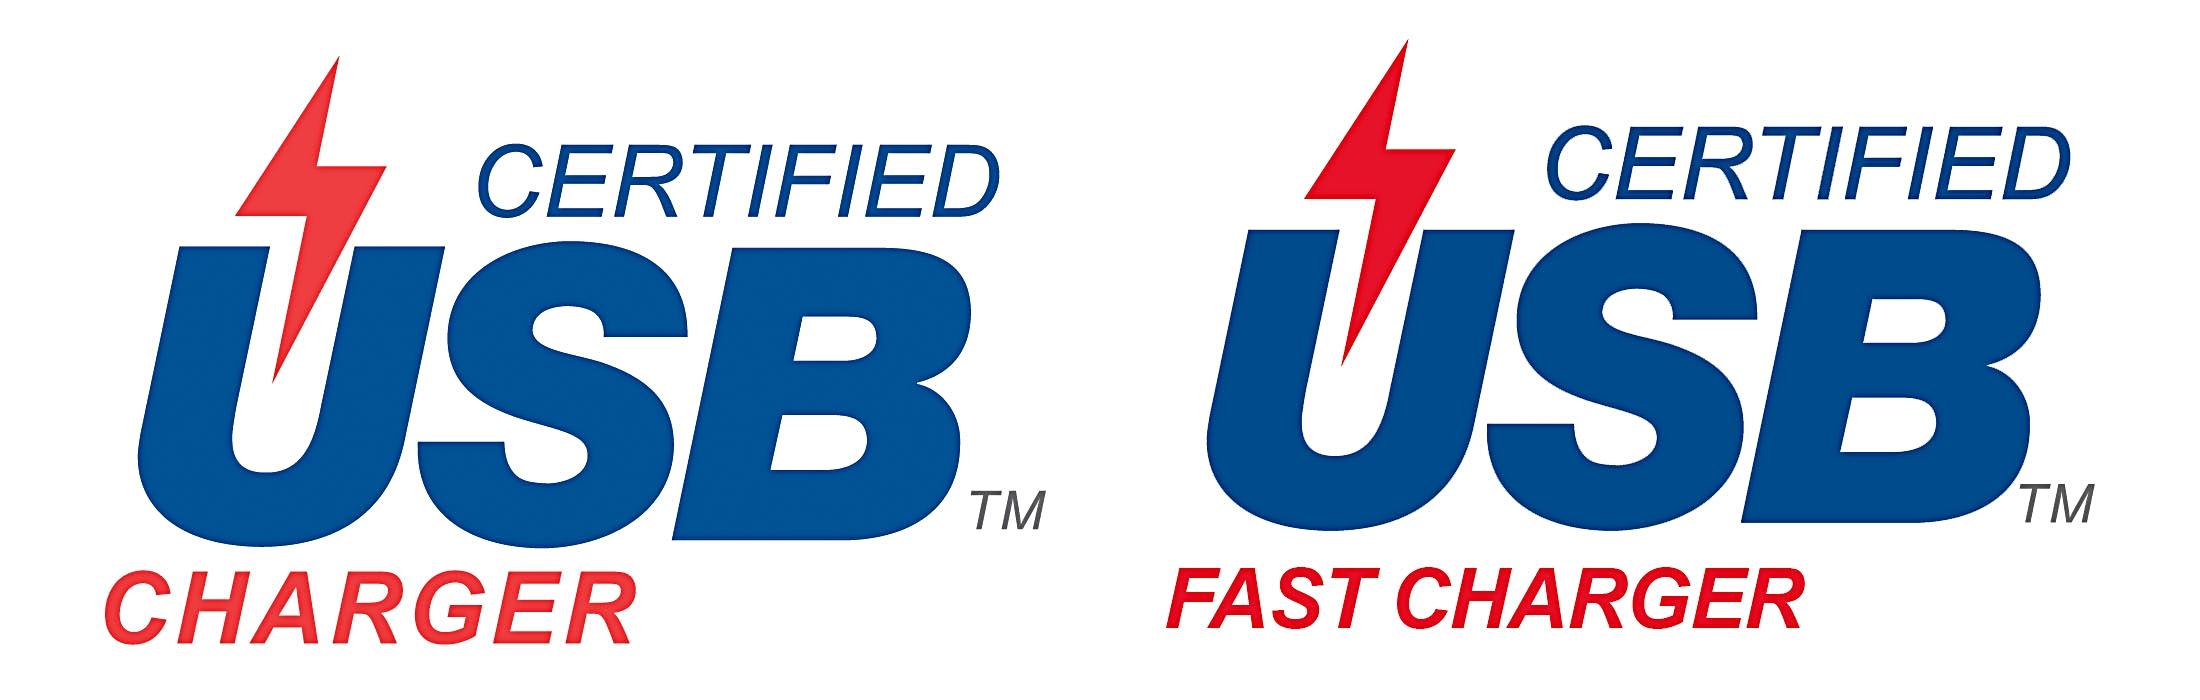 USB Charging logos